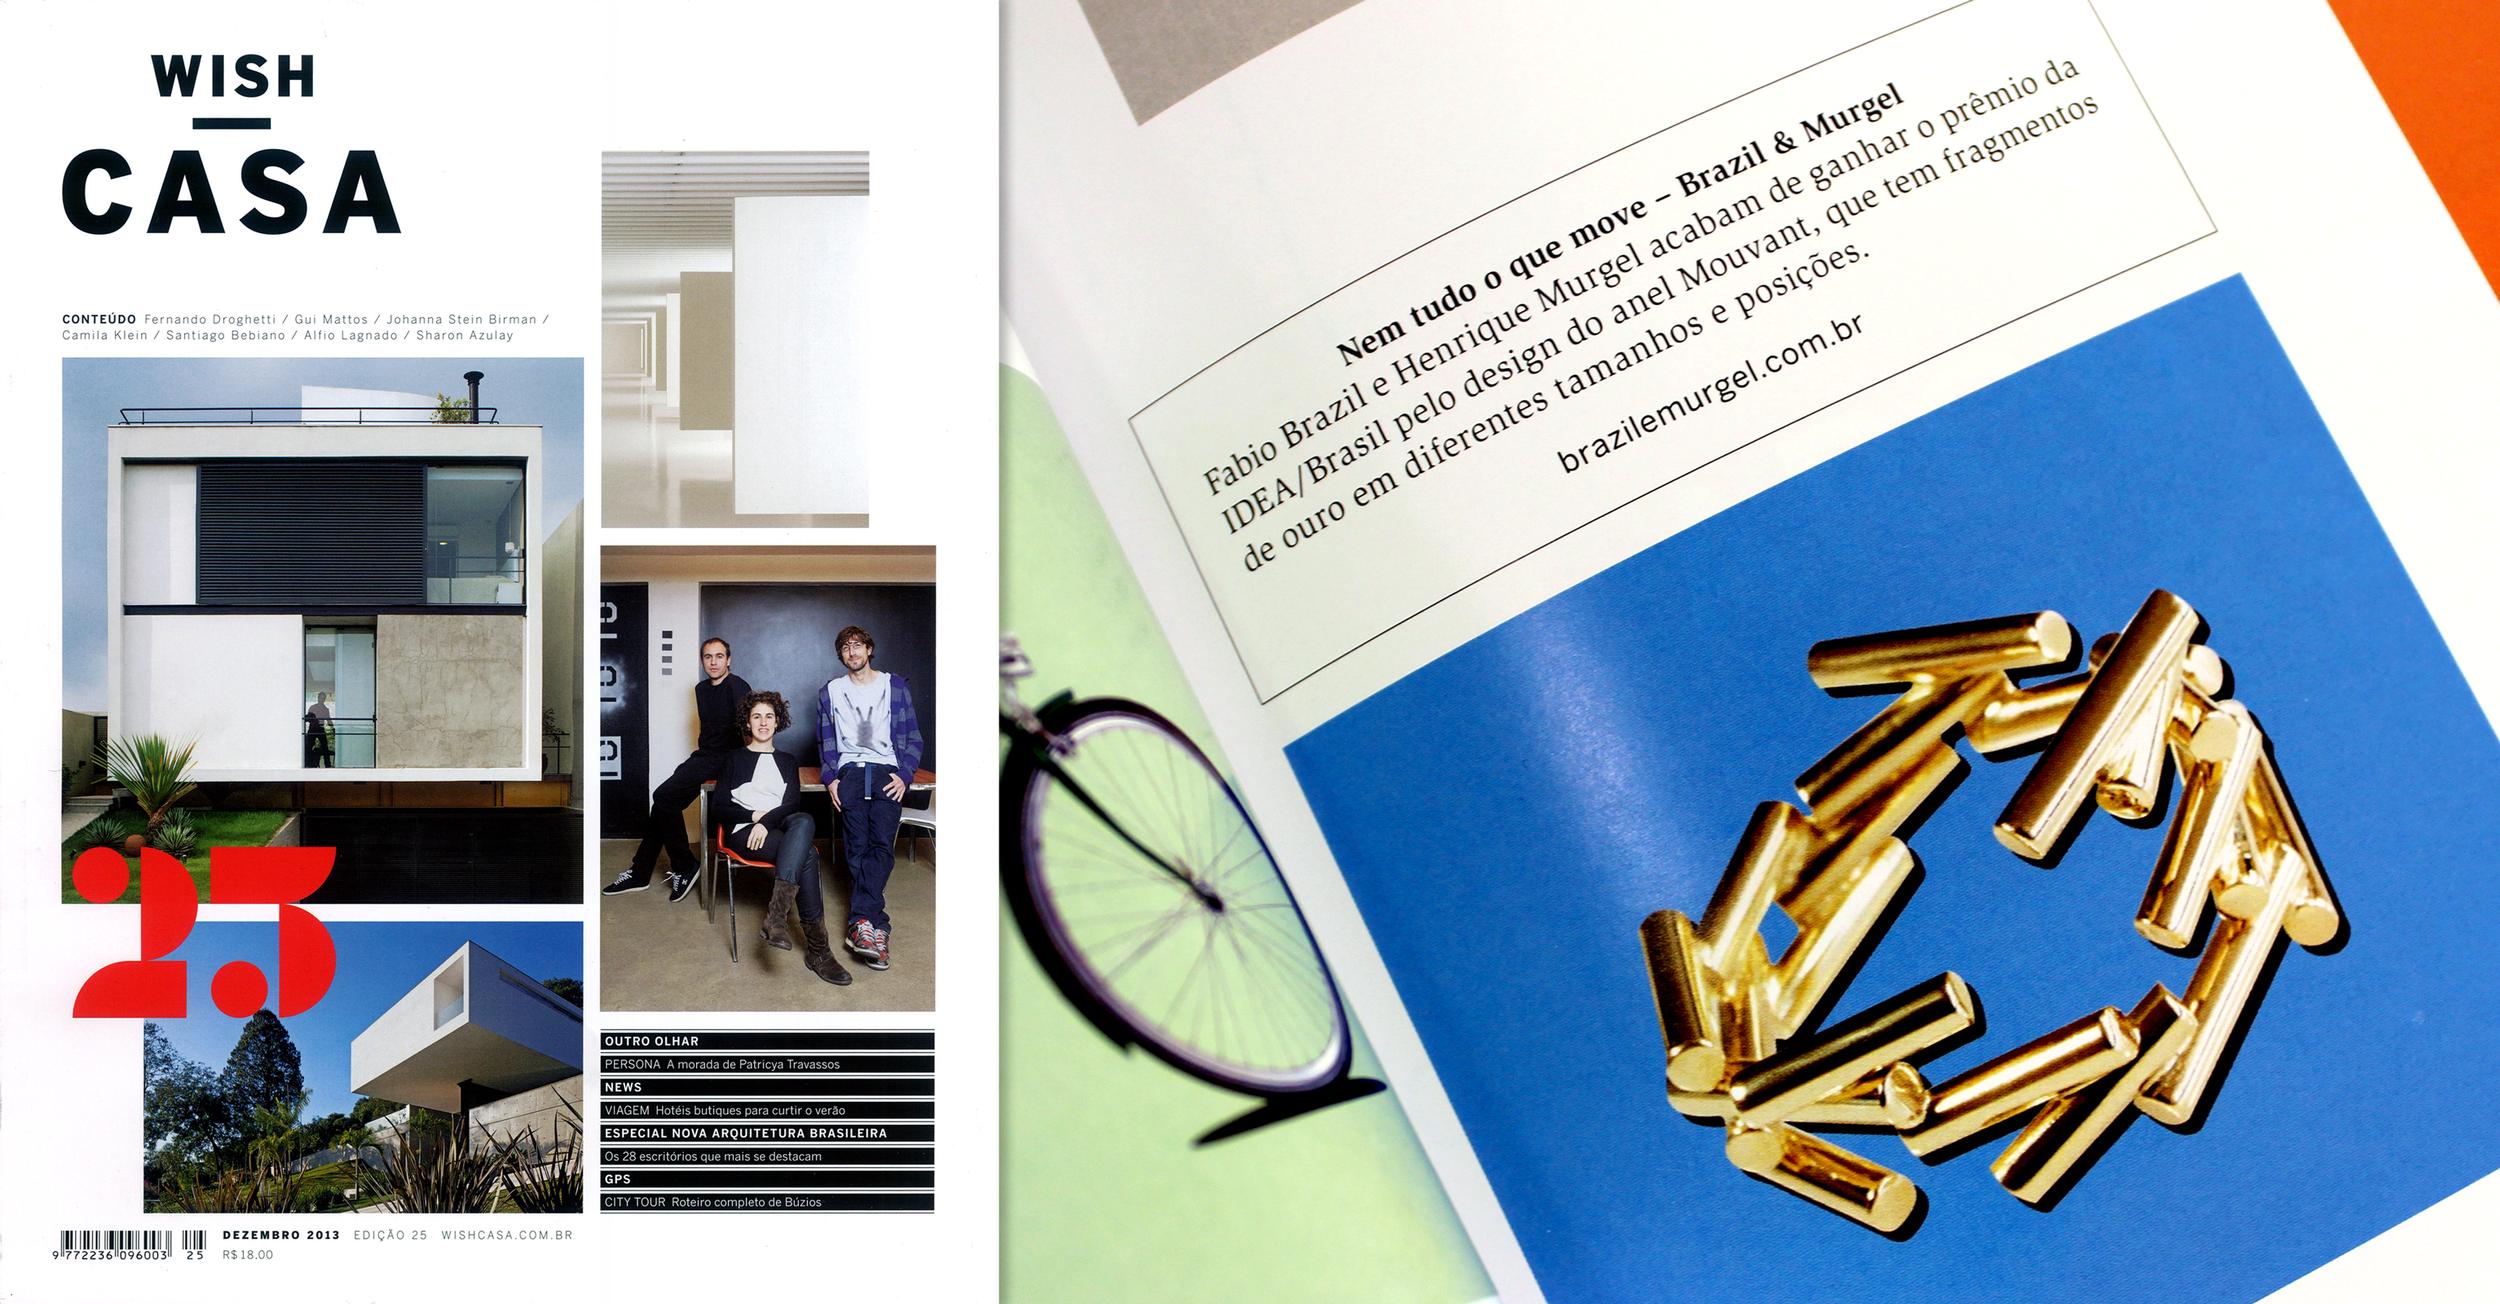 Edição 25 da Wish Casa · Dez. 2013